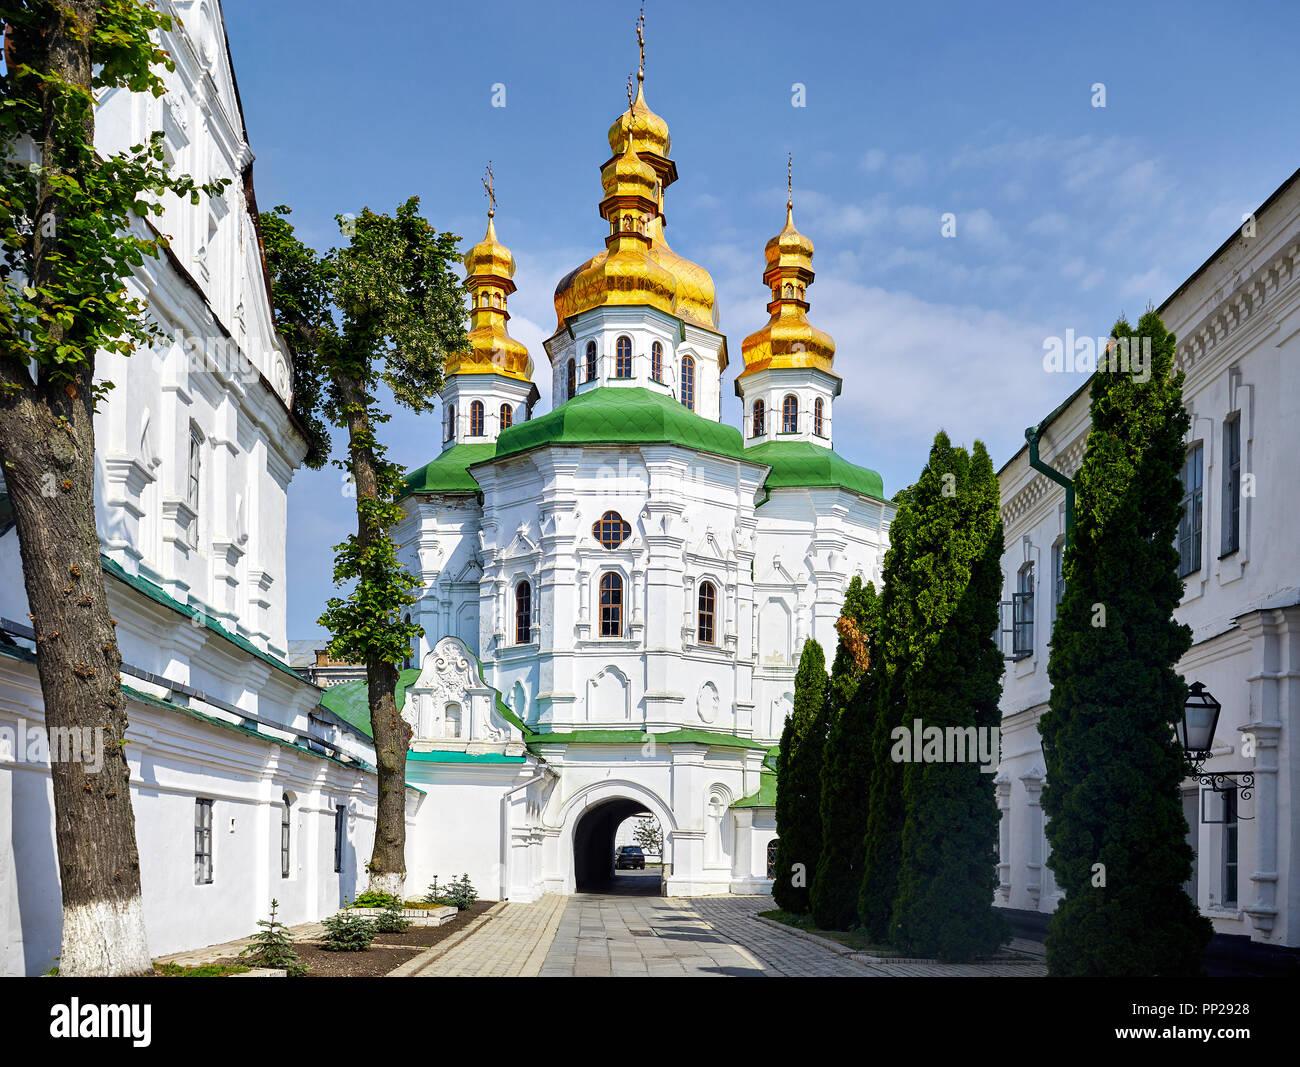 Chiesa con cupole dorate a Kiev Pechersk Lavra complesso cristiano. Vecchia architettura storica a Kiev, Ucraina Immagini Stock